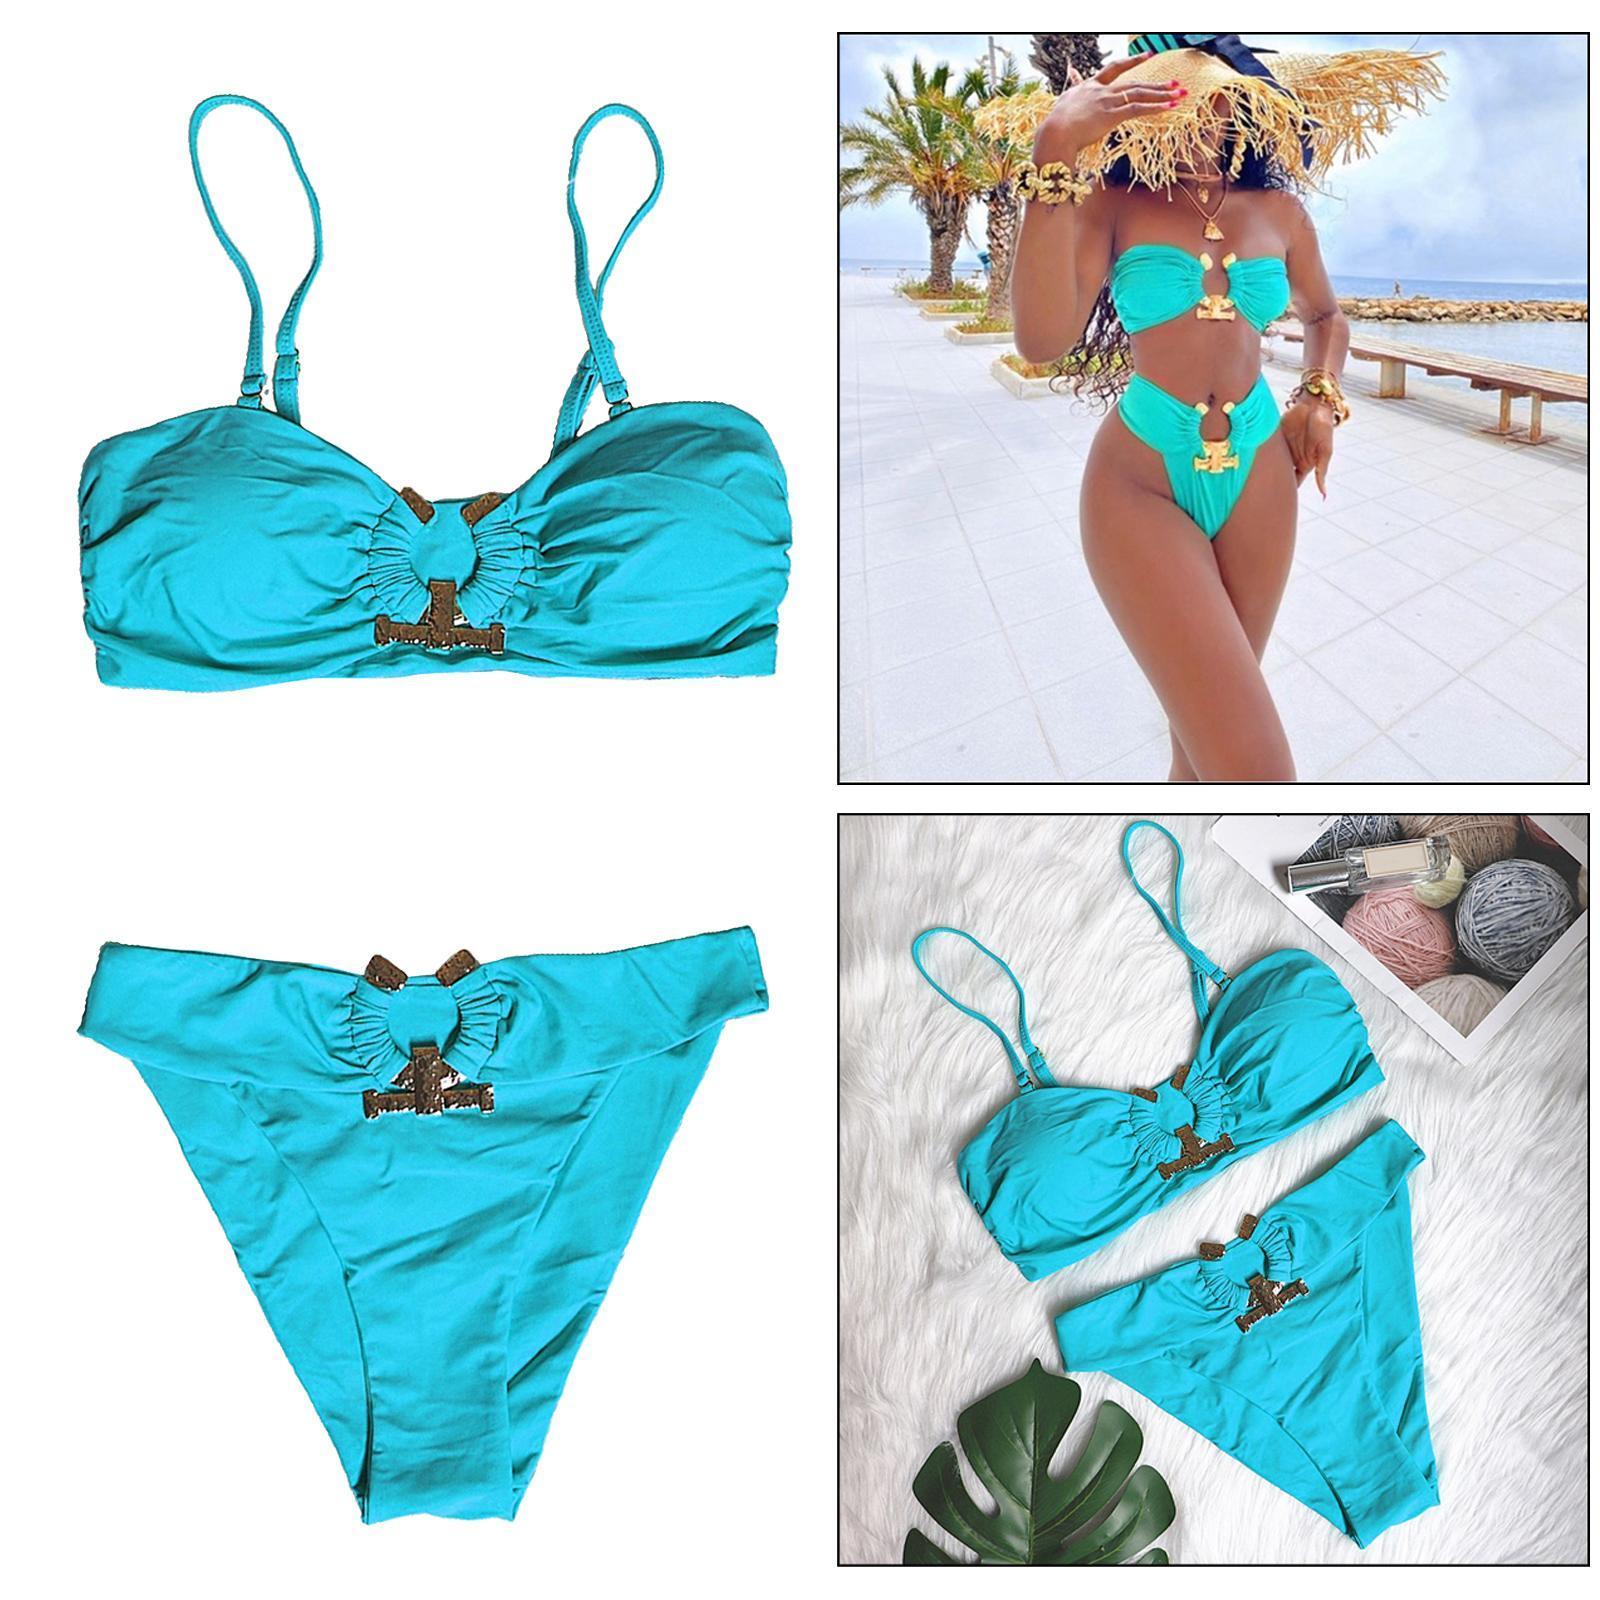 Indexbild 138 - Zwei Stücke Bikini Set Strappy Bademode Party Badeanzug Tankini Bademode